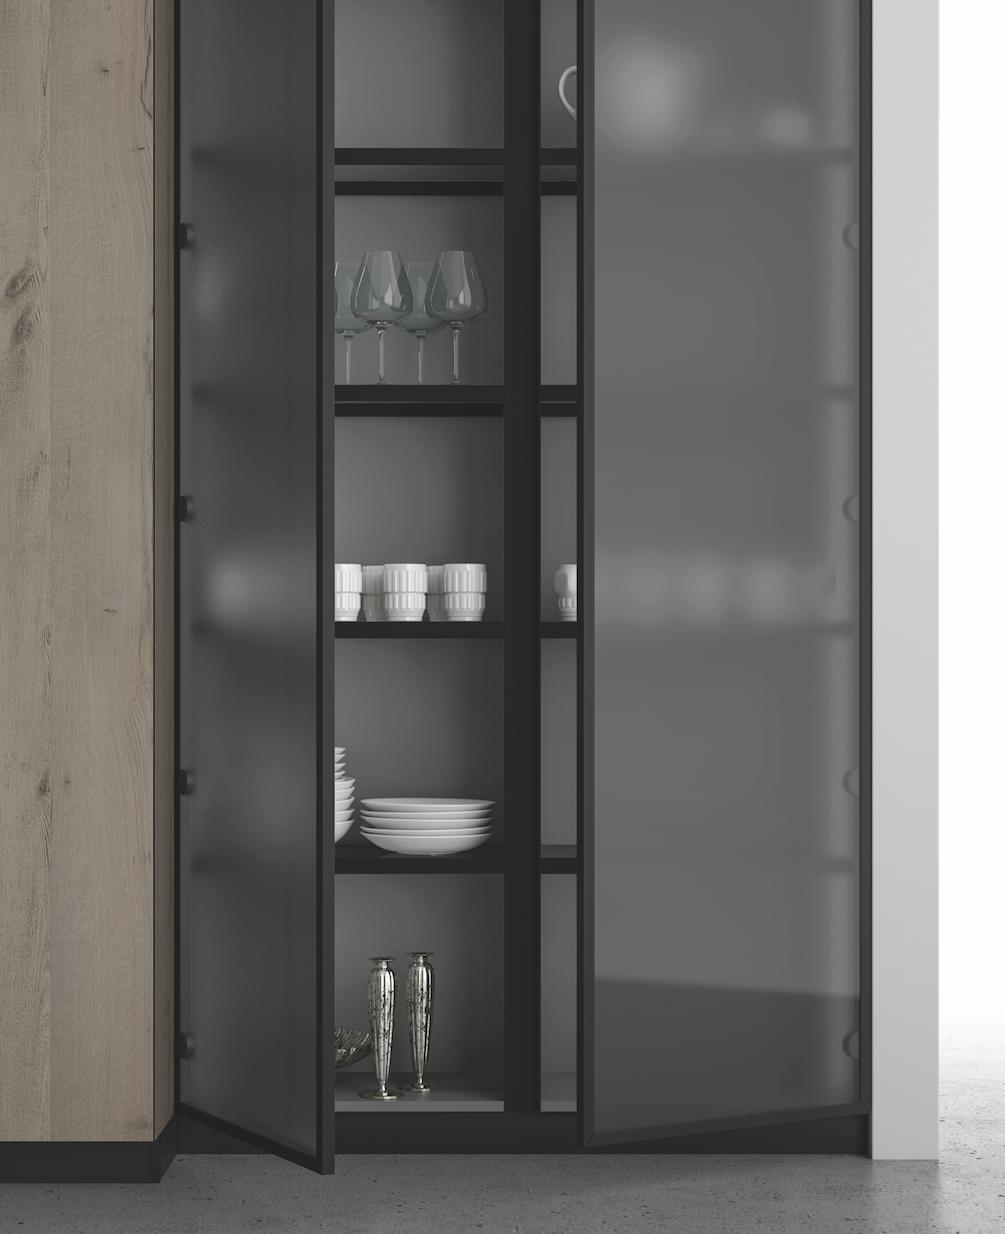 Credenze e vetrinette moderne in soggiorno | Vetrinetta ...